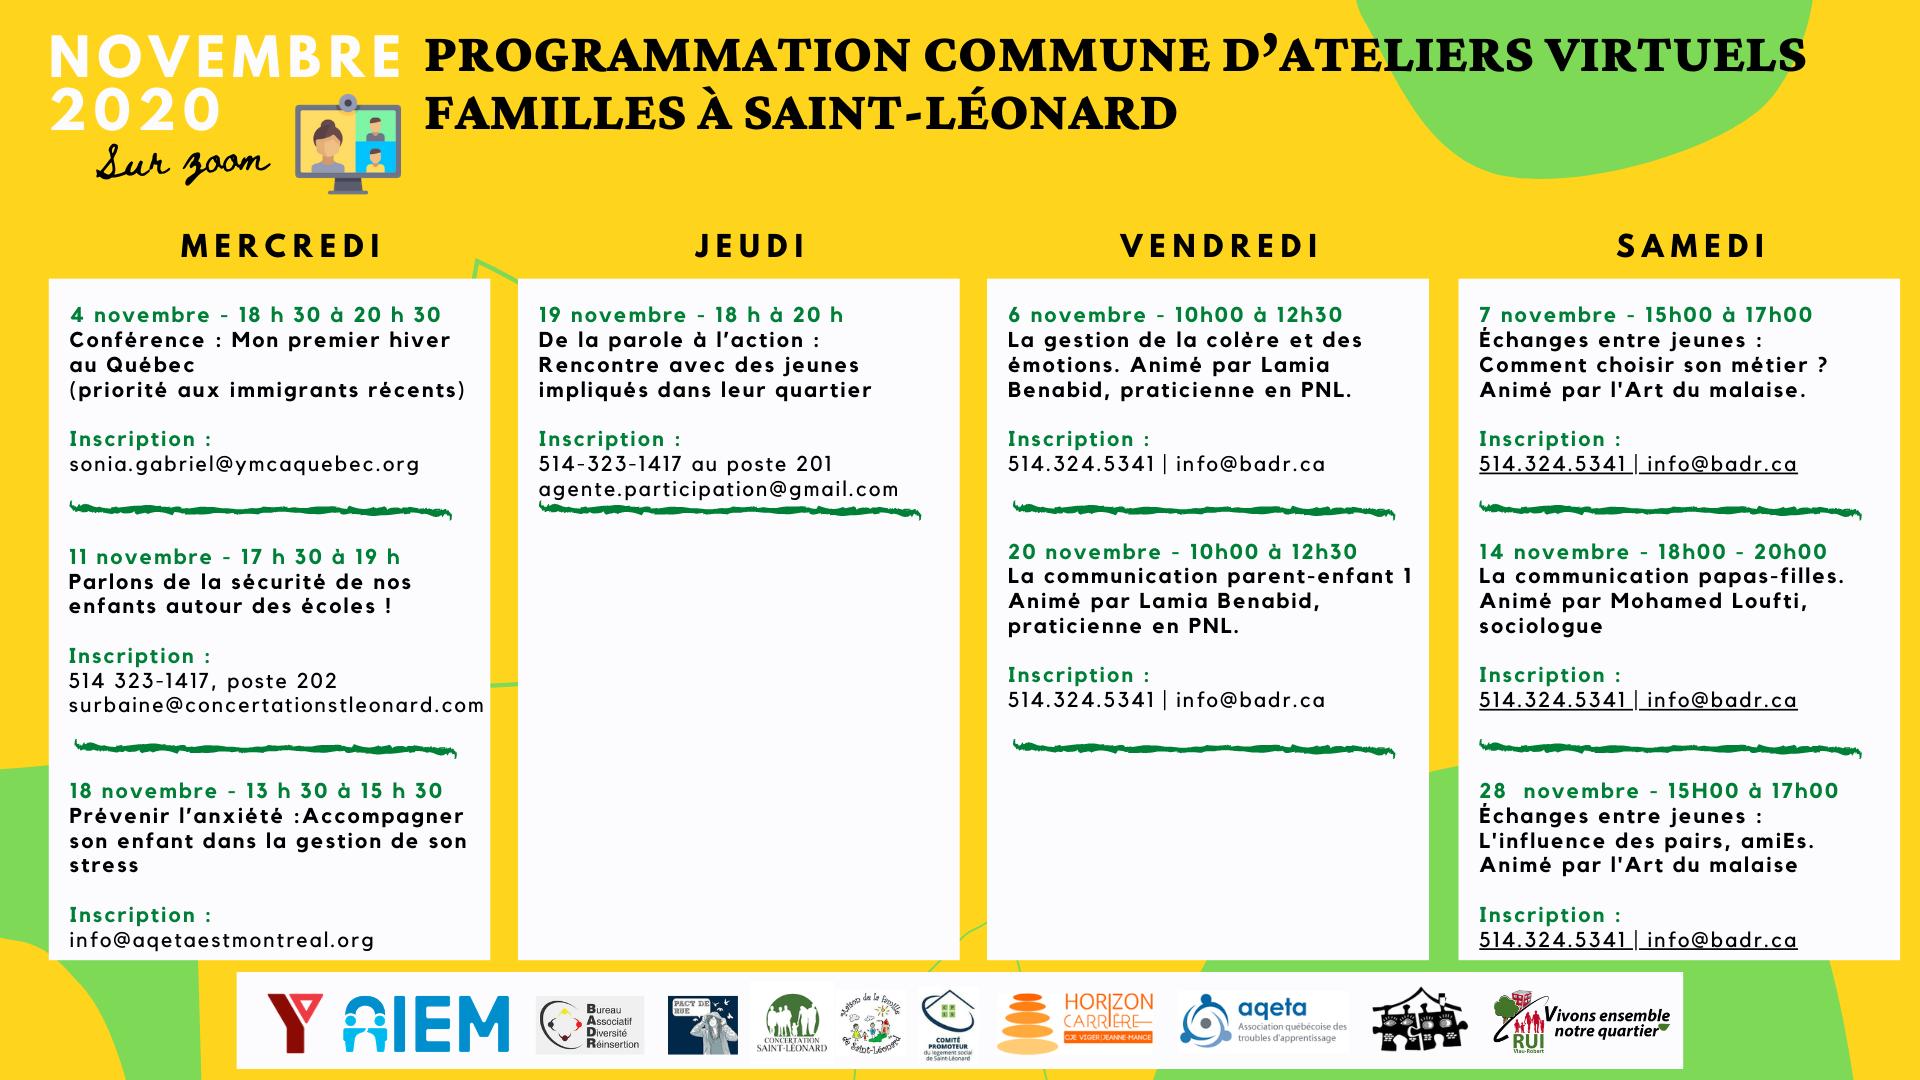 Calendrier_ateliers_virtuels_novembre_2020VF